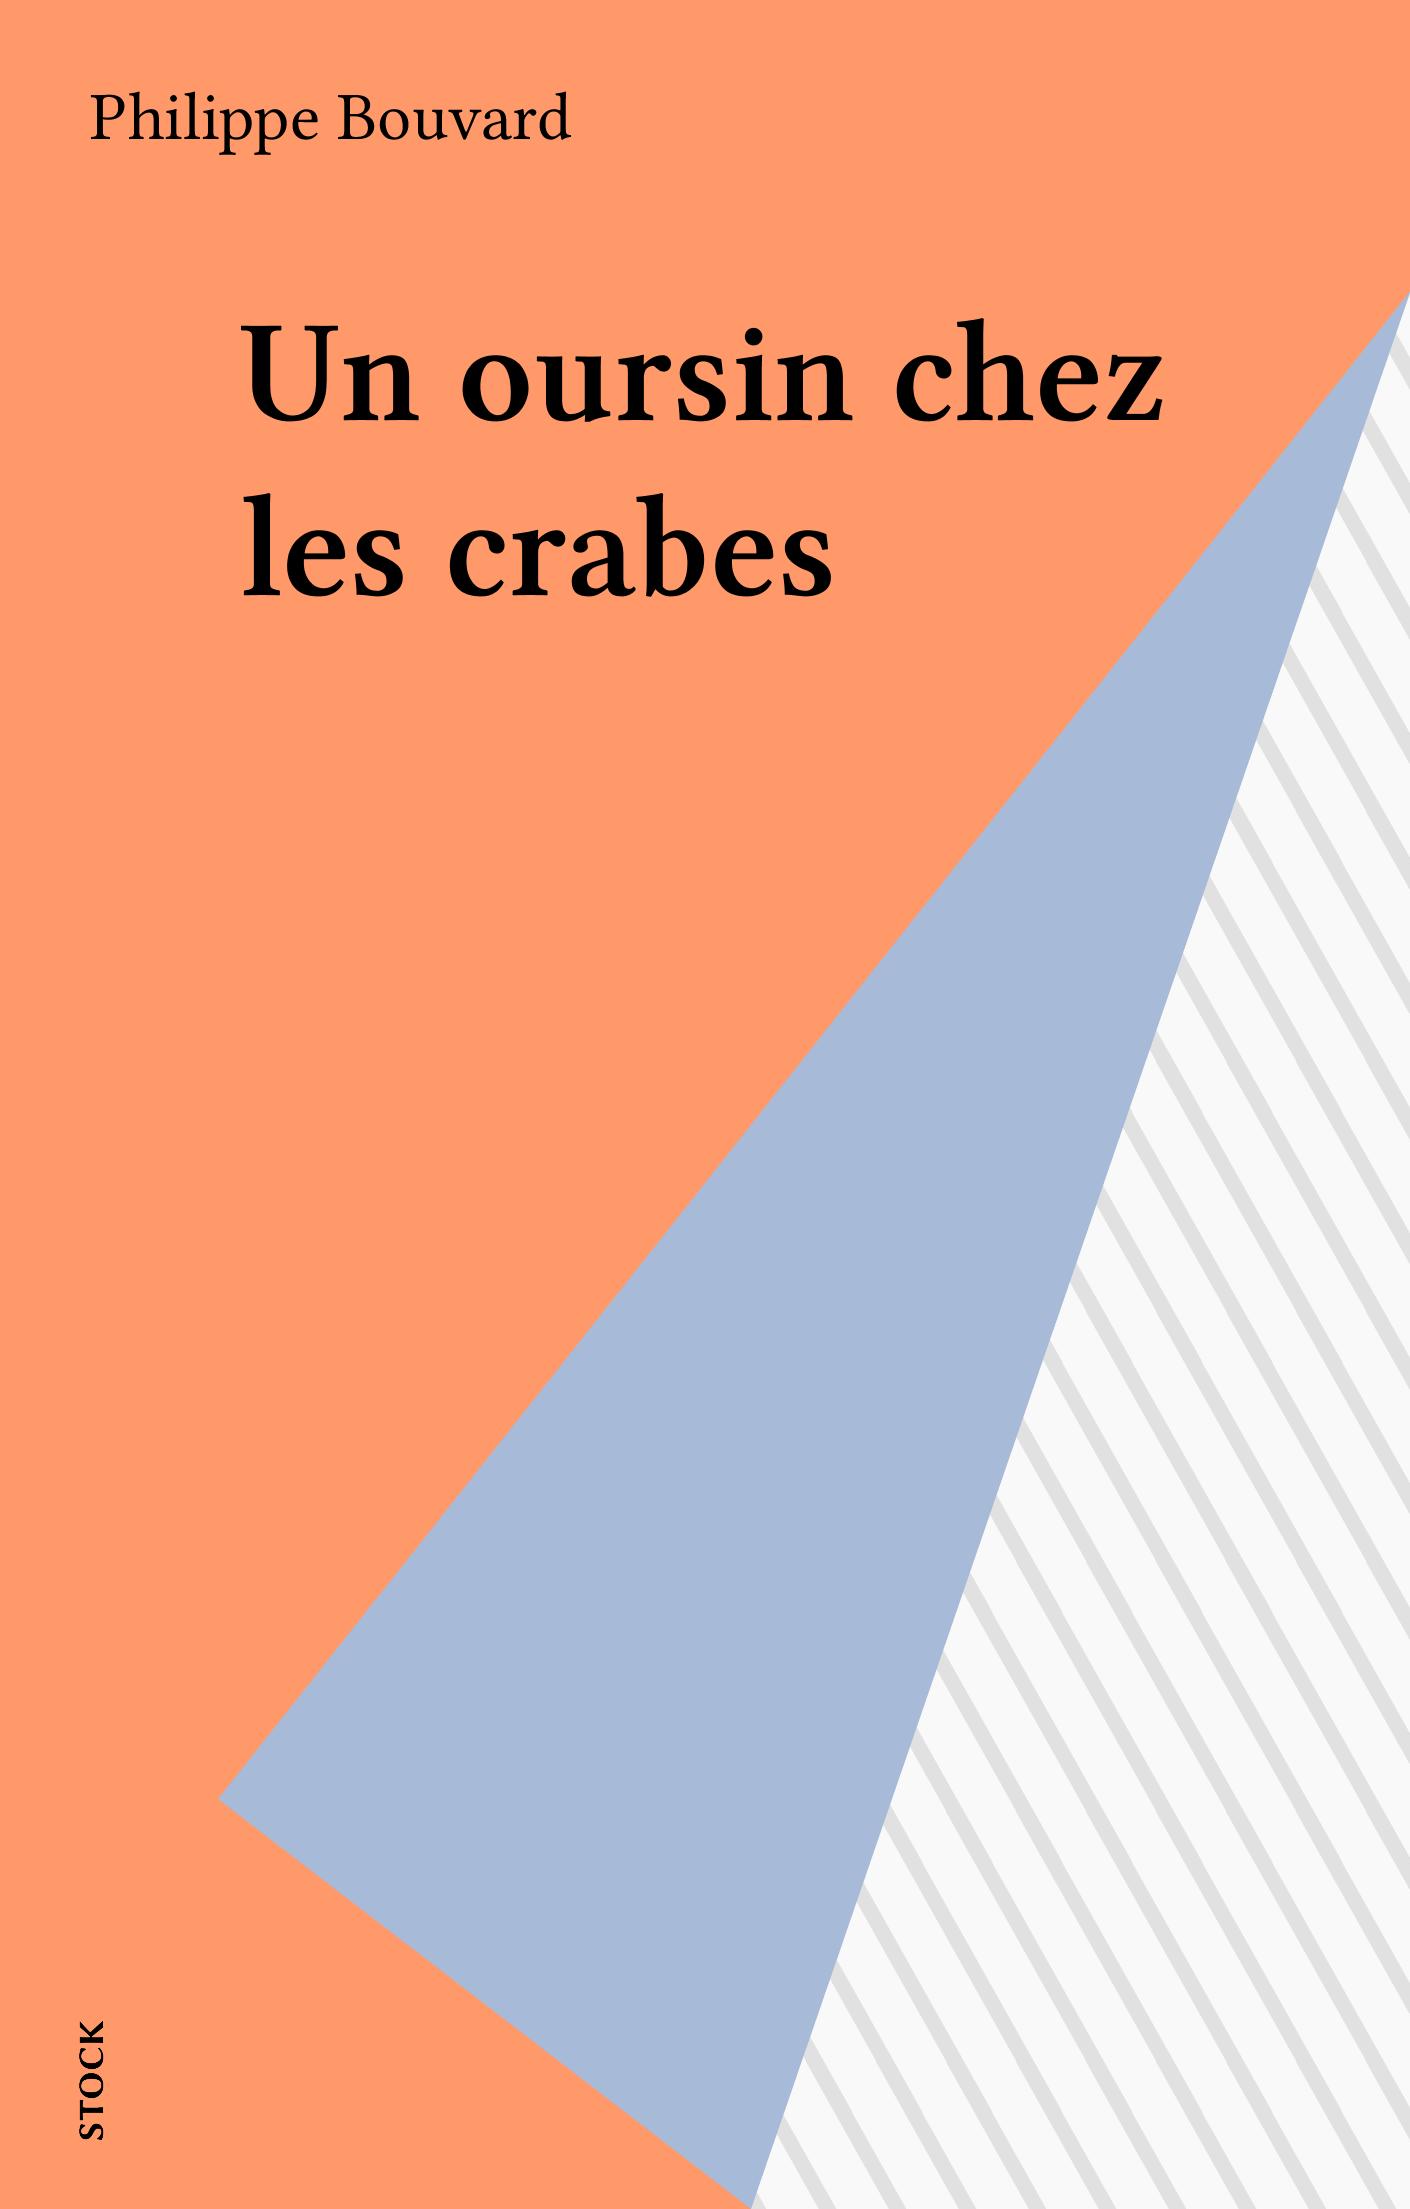 Un oursin chez les crabes